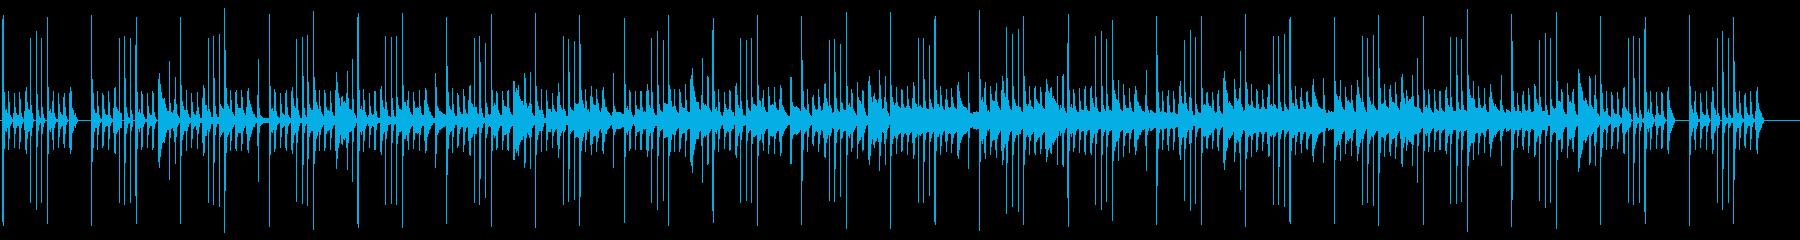 不気味で可愛いグロッケンのお化け屋敷の再生済みの波形